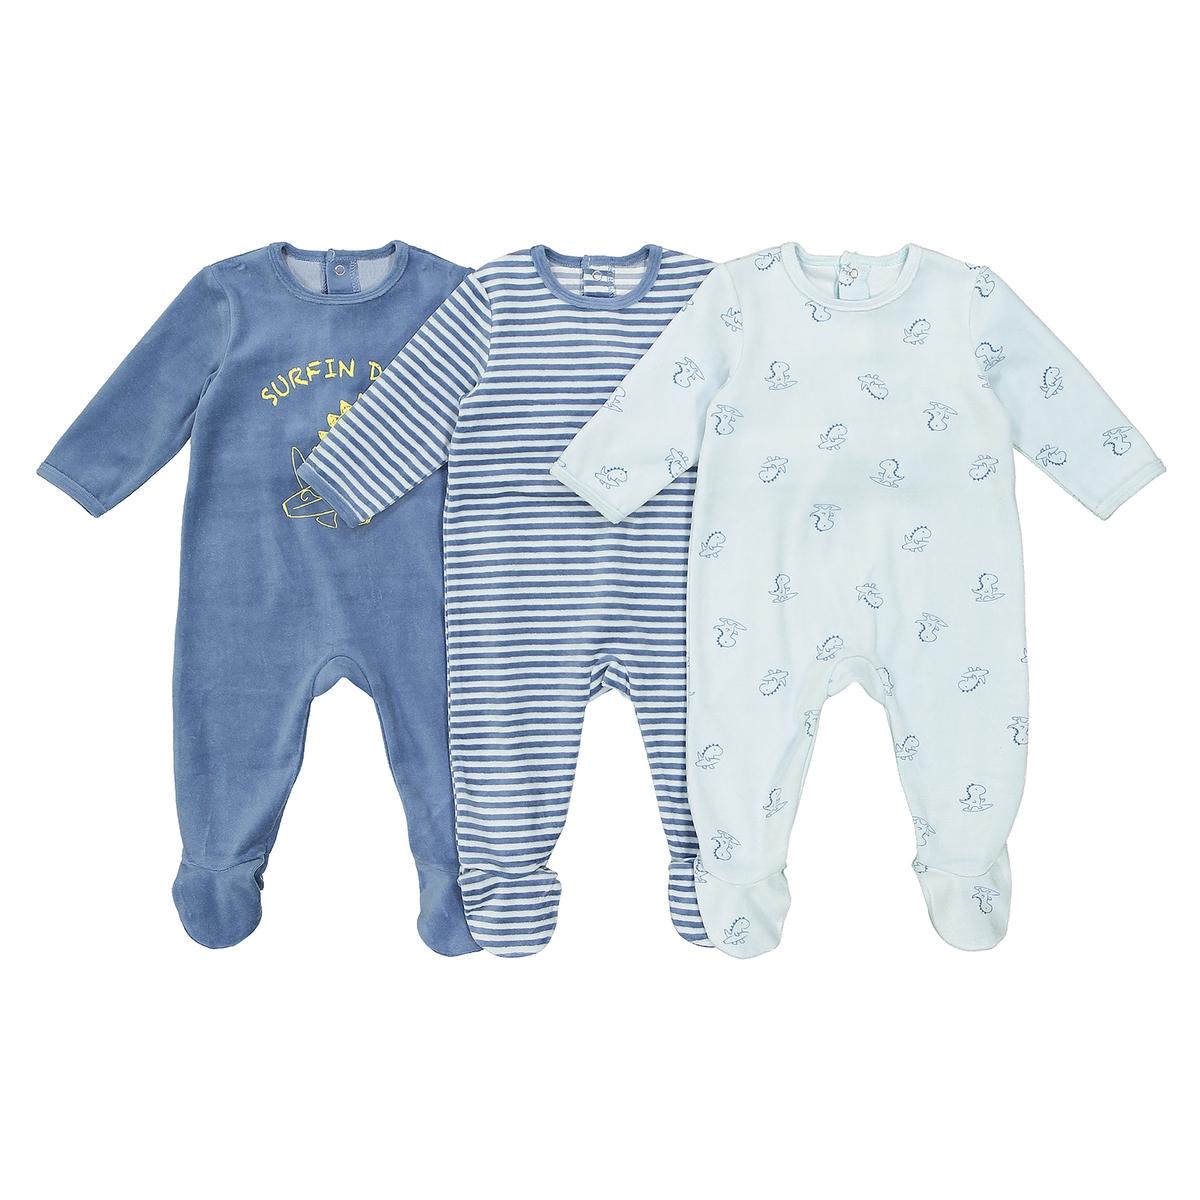 3 пижамы из велюра, 0 мес - 3 летОписание:Комплект из 3 велюровых пижам. В тройном размере...это лучше ! Можно менять их в течение ночи...Детали • Пижама с длинными рукавами и брючинами .  • Комплект из 3 изделий  : 1 однотонная пижама с принтом спереди+ 1 пижама в полоску + 1 пижама с рисунком динозавры . •  Круглый вырез.  •Застежка на кнопки сзади и между ножек для легкости надевания .Состав и уход •  Материал : велюр: 75% хлопка, 25% полиэстера. •  Машинная стирка при 30° на умеренном режиме с изделиями схожих цветов. •  Стирать, сушить и гладить с изнаночной стороны. •  Машинная сушка на умеренном режиме. •  Гладить при низкой температуре.<br><br>Цвет: синий + серый<br>Размер: 2 года - 86 см.18 мес. - 81 см.9 мес. - 71 см.6 мес. - 67 см.3 мес. - 60 см.1 мес. - 54 см